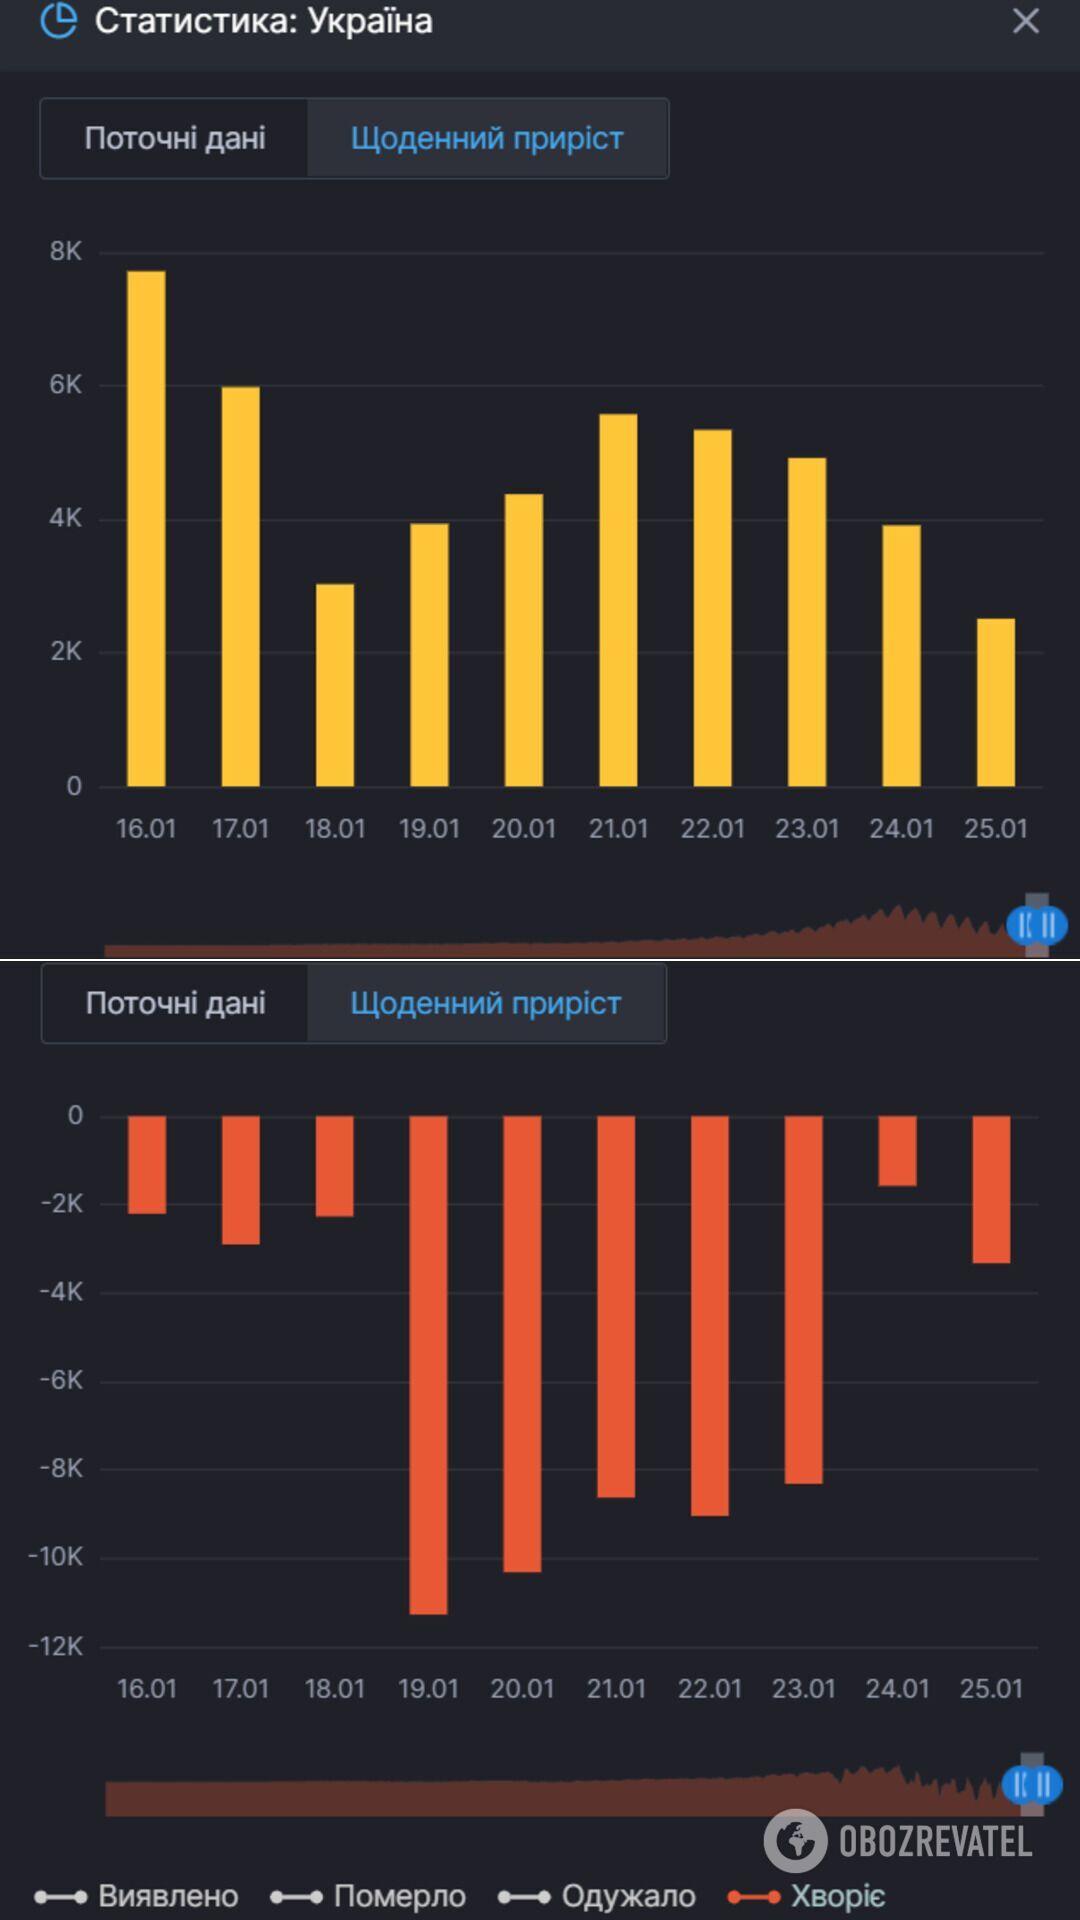 Прирост новых заражений COVID-19 и тех, кто продолжает болеть им в Украине